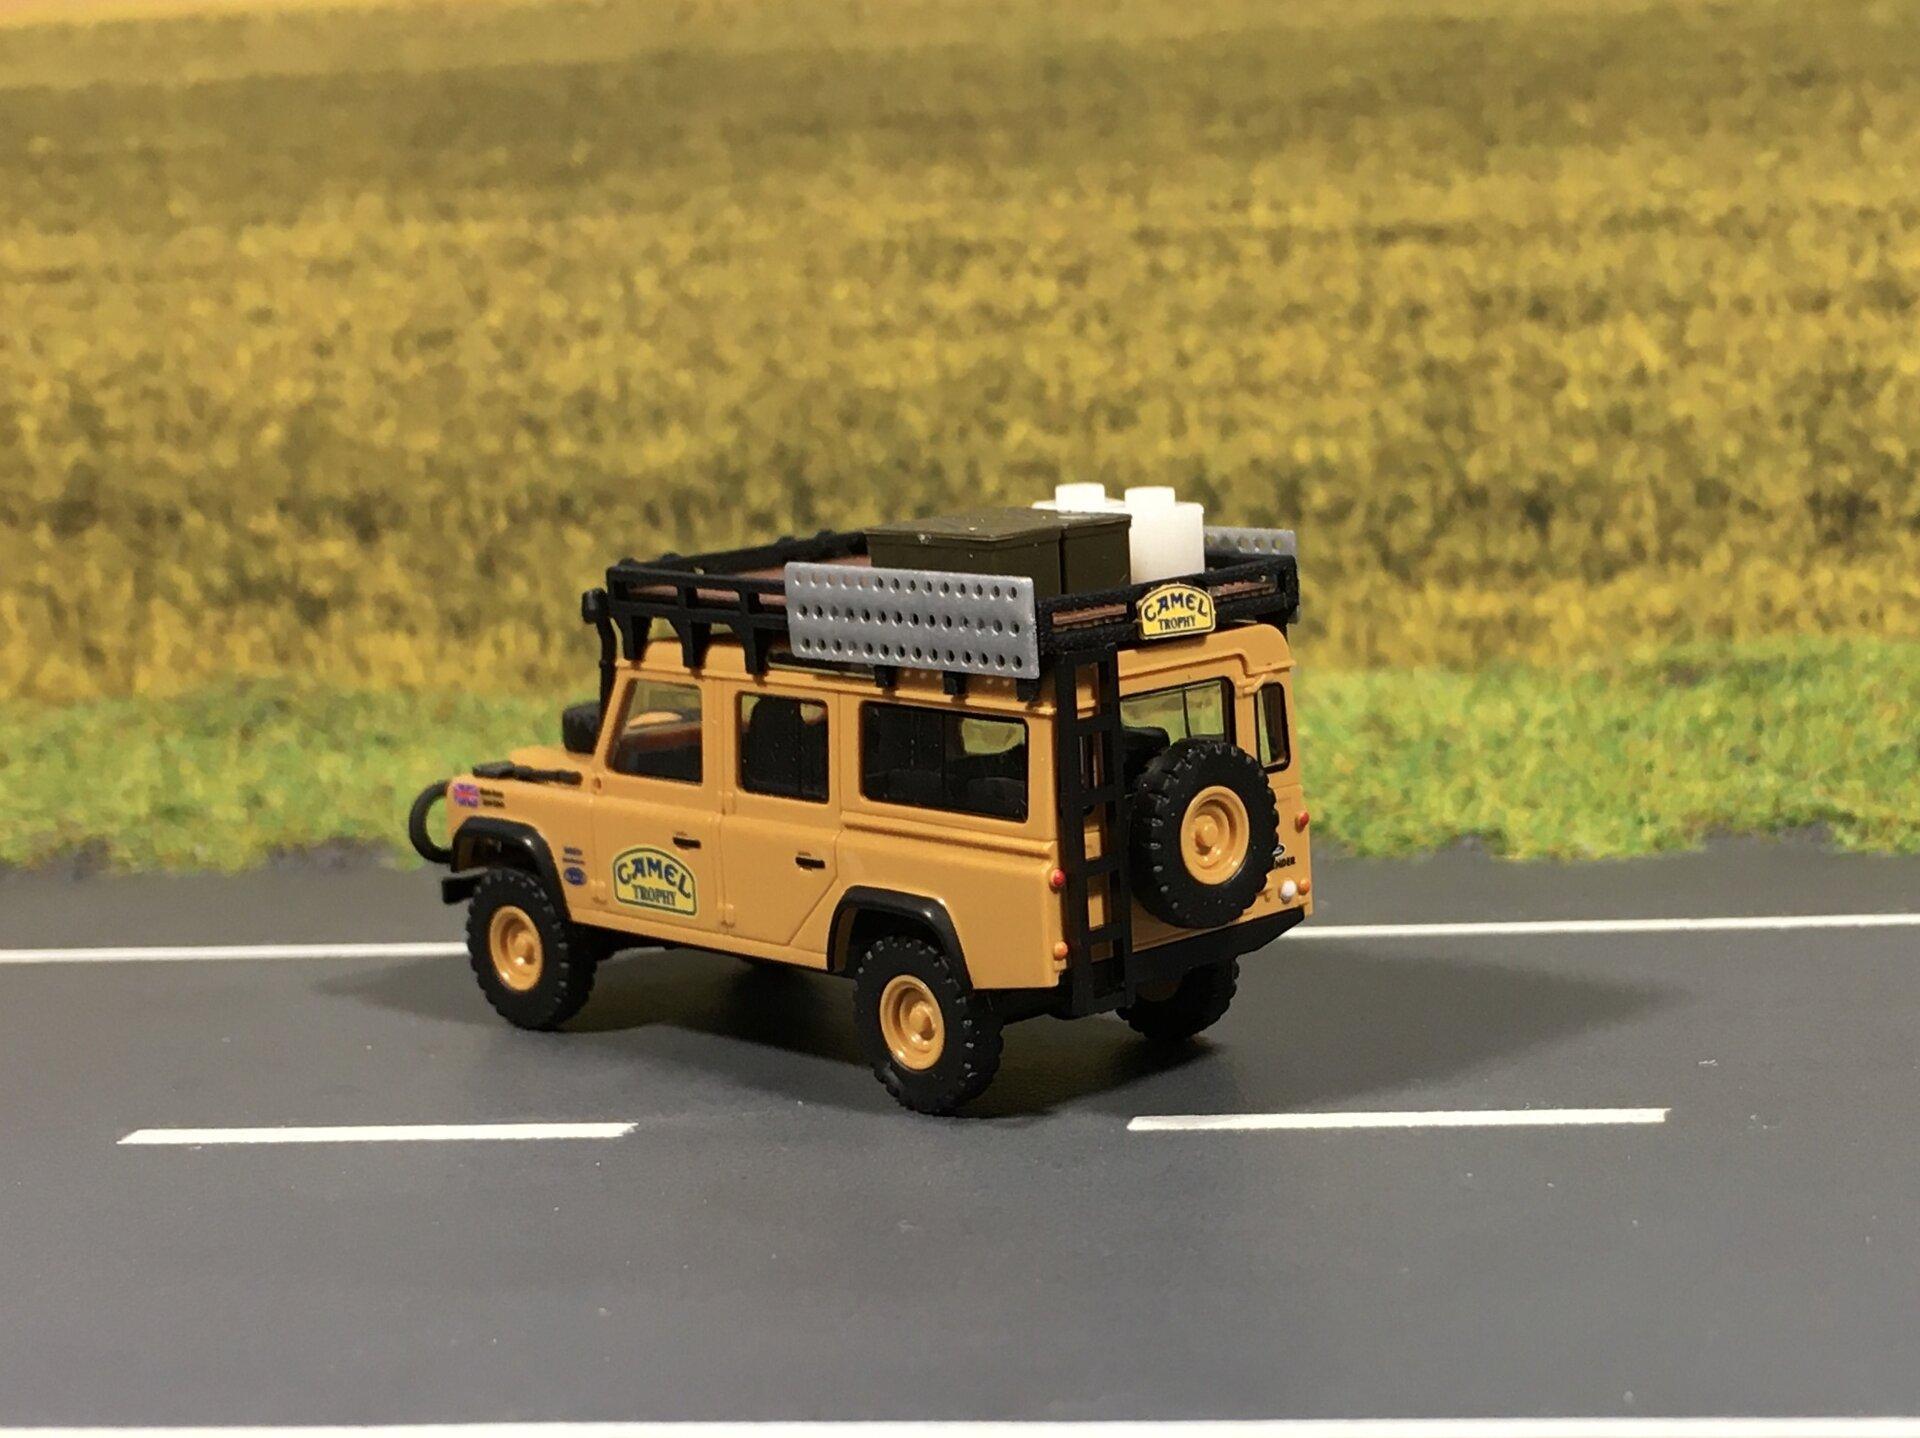 Land Rover Camel 004.jpg